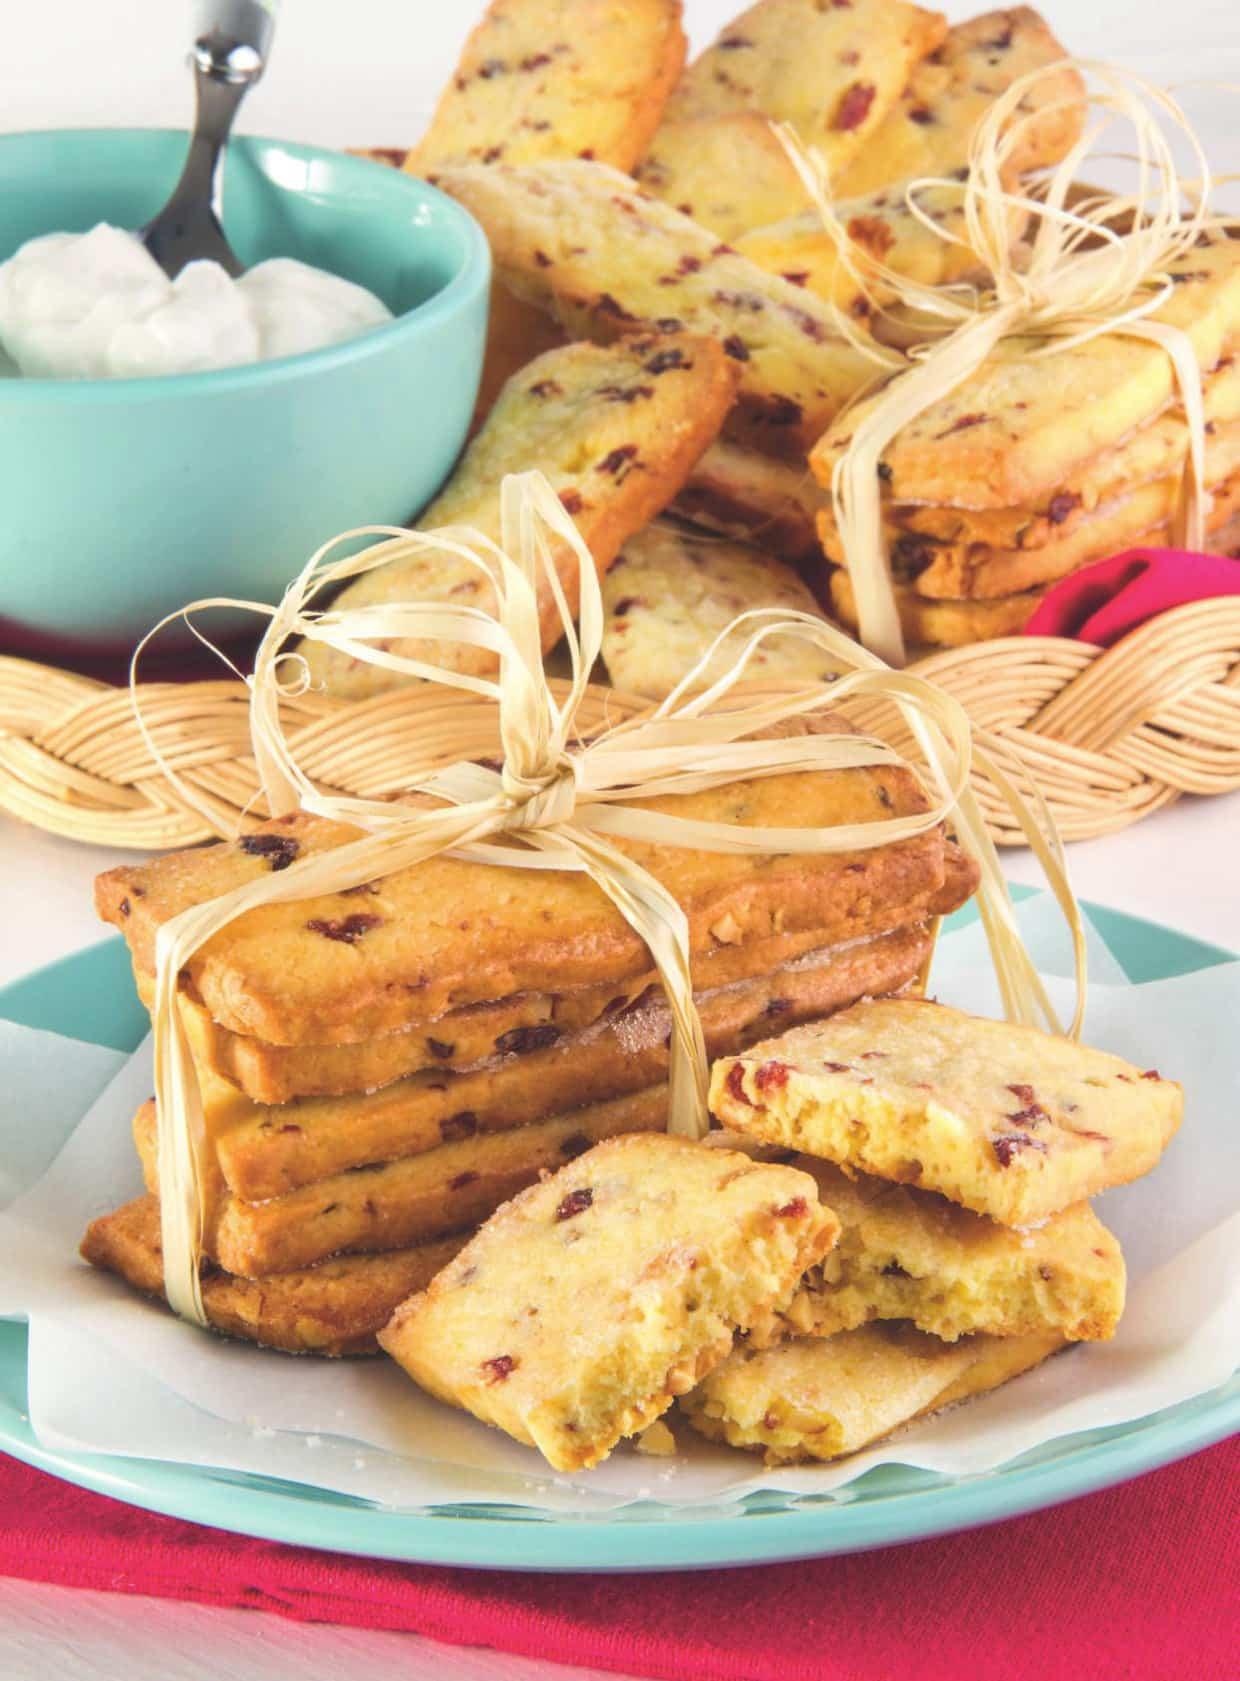 Biscotti di pasta frolla allo yogurt e ribes disidratato